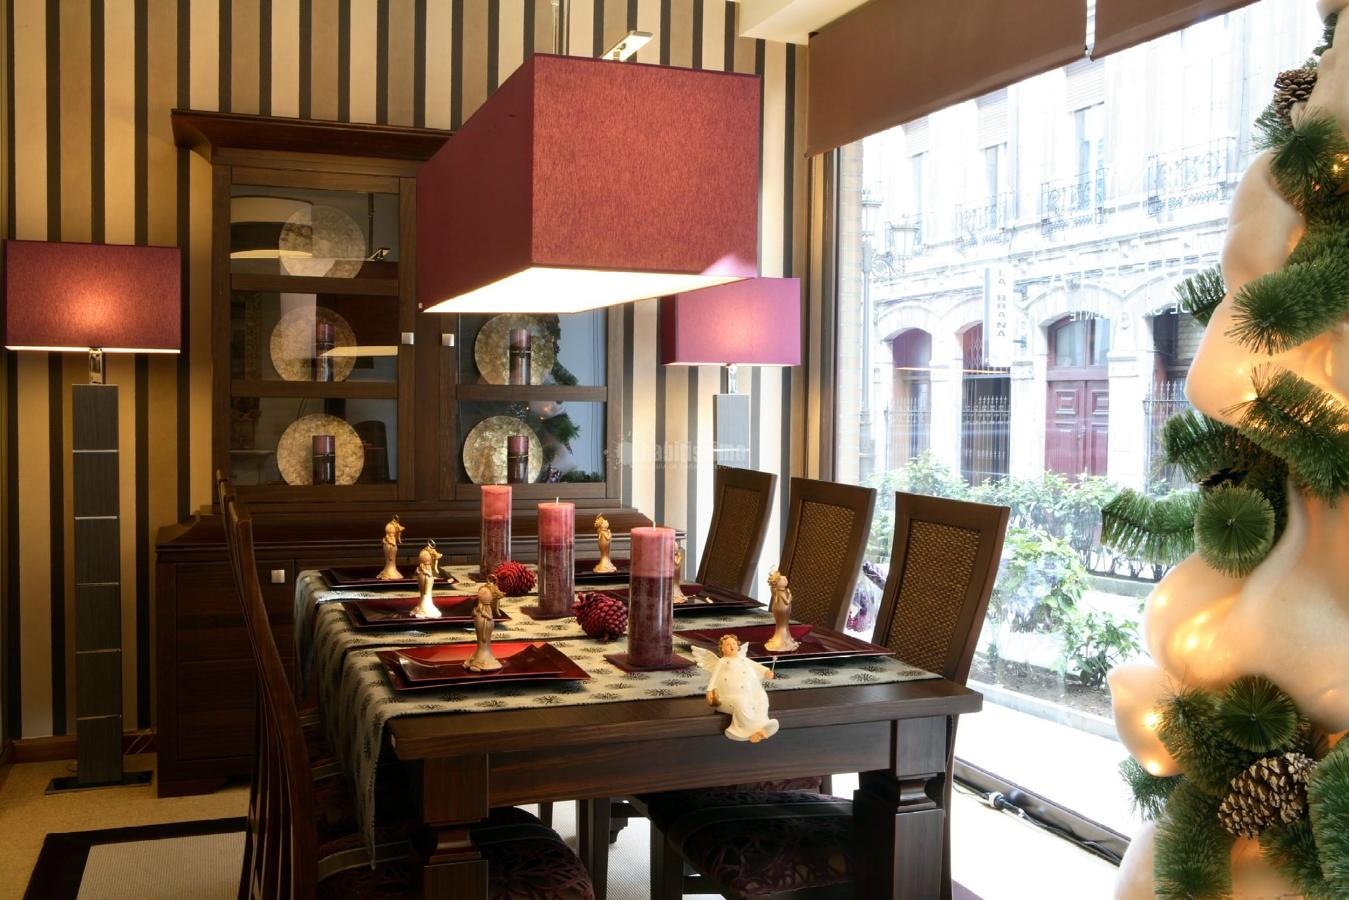 Huerta De San Vicente Muebles Dise Os Arquitect Nicos Mimasku Com # Muebles El Gitano